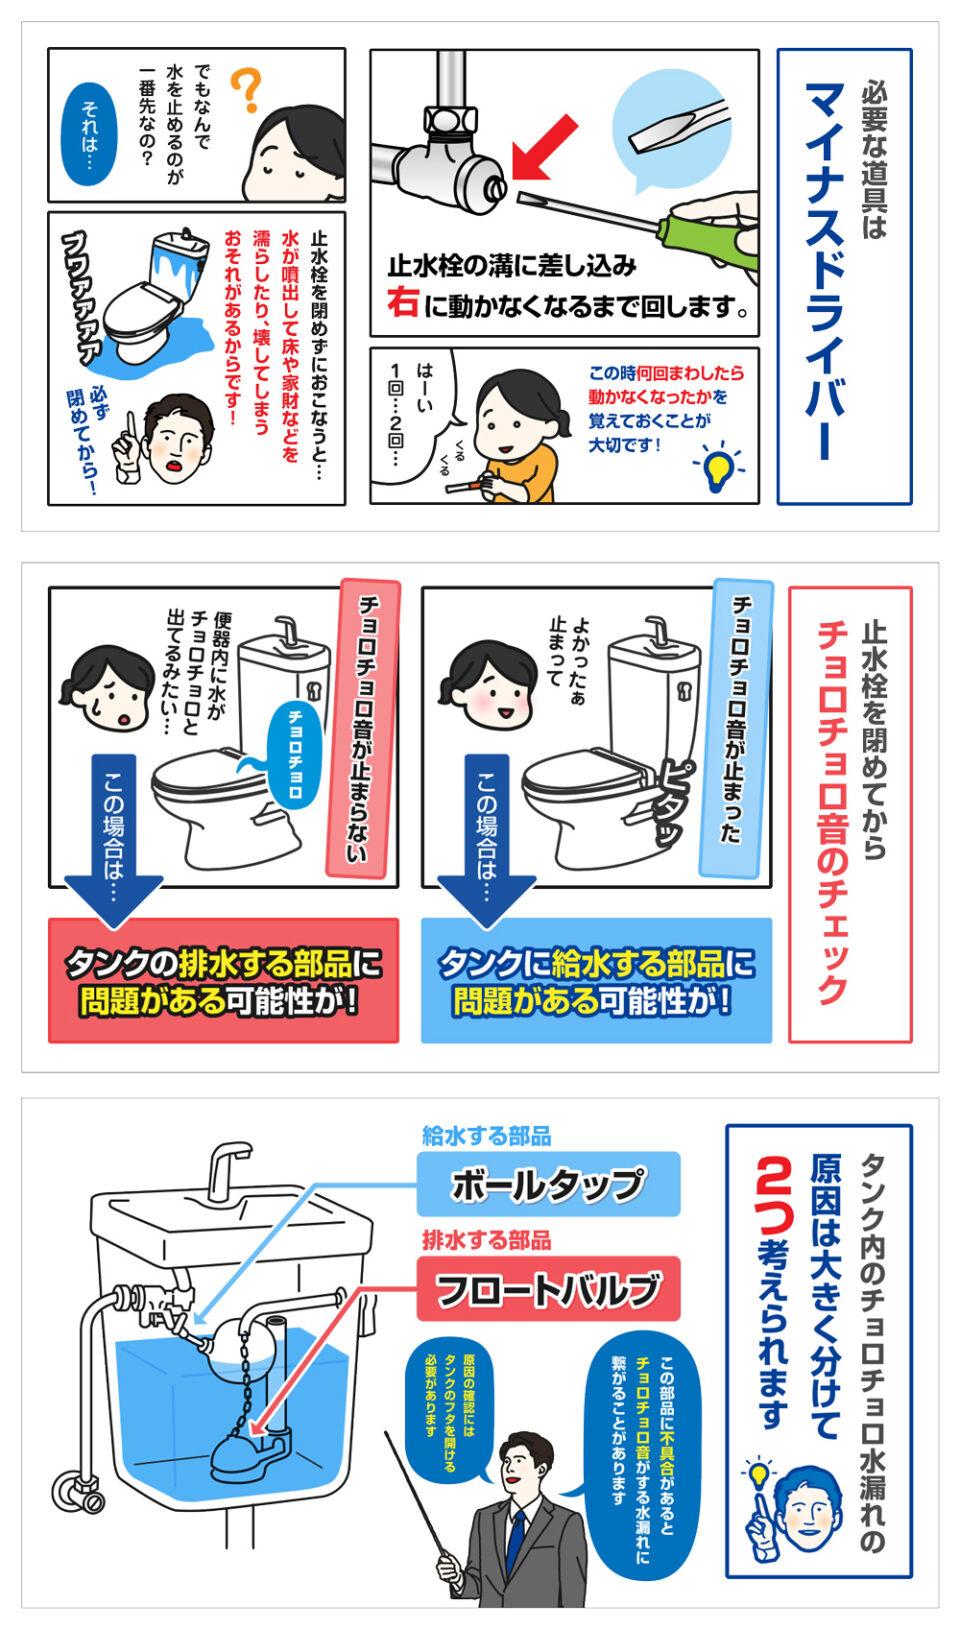 トイレタンクの水漏れ修理方法-2